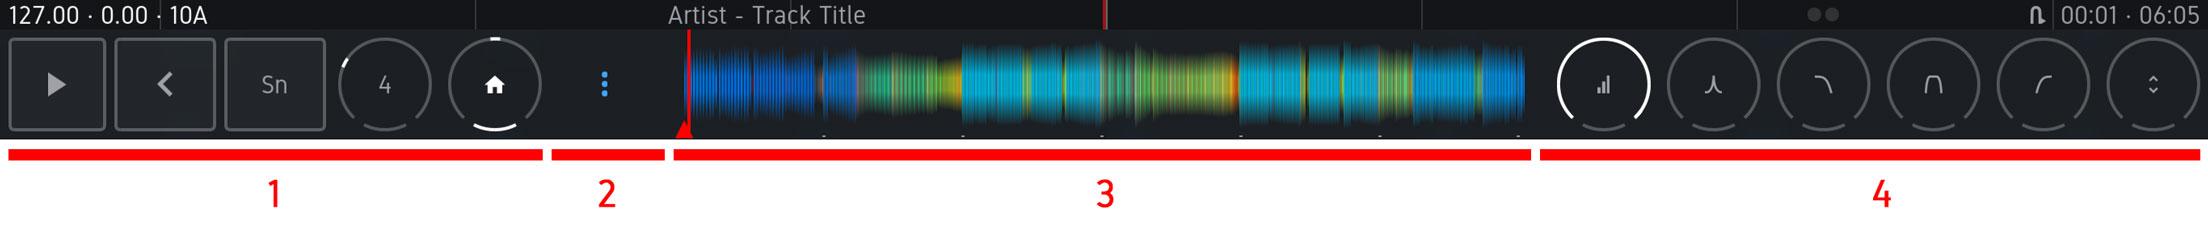 DJ Player Manual